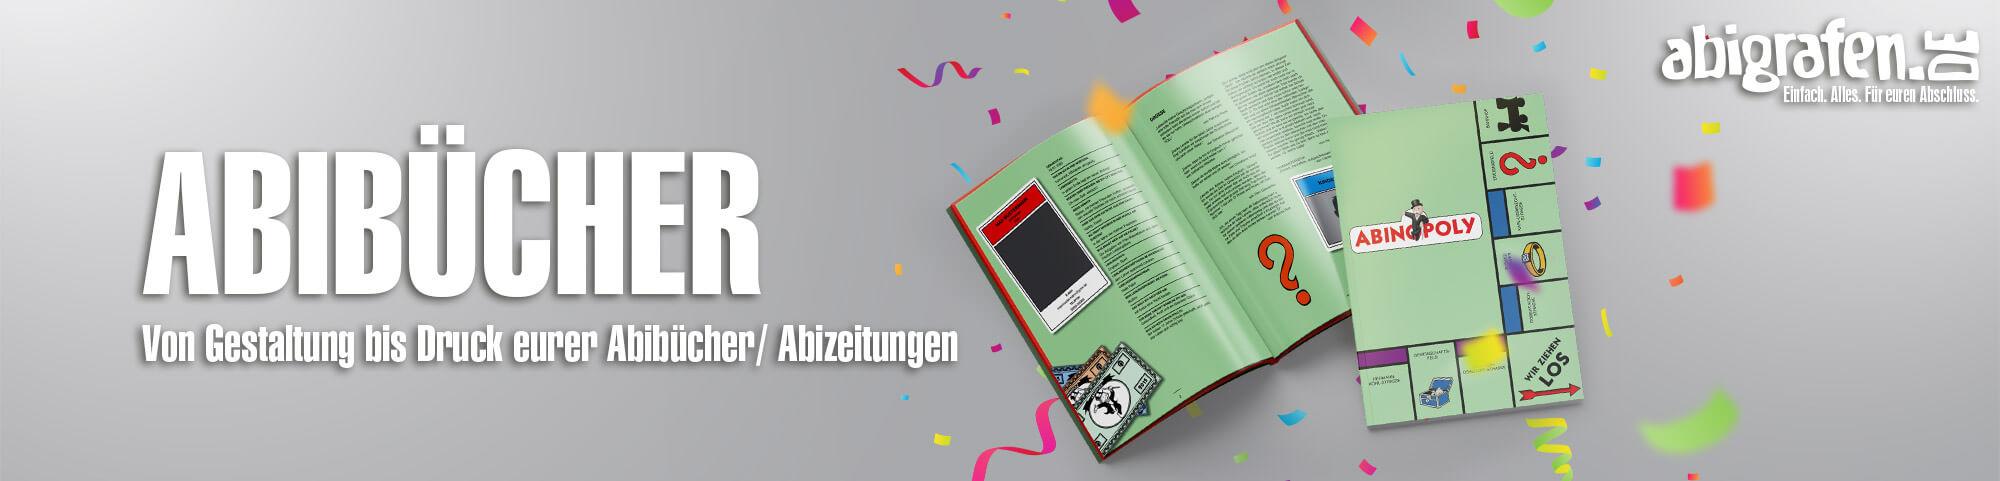 abigrafen-produktinformationen-info-druck-design-gestaltung-abizeitung-Abibuch-guenstig-drucken-jahrbuch-yearbook-Abschluss-graduation-graduate-abitur-buch-zeitung-steckbrief